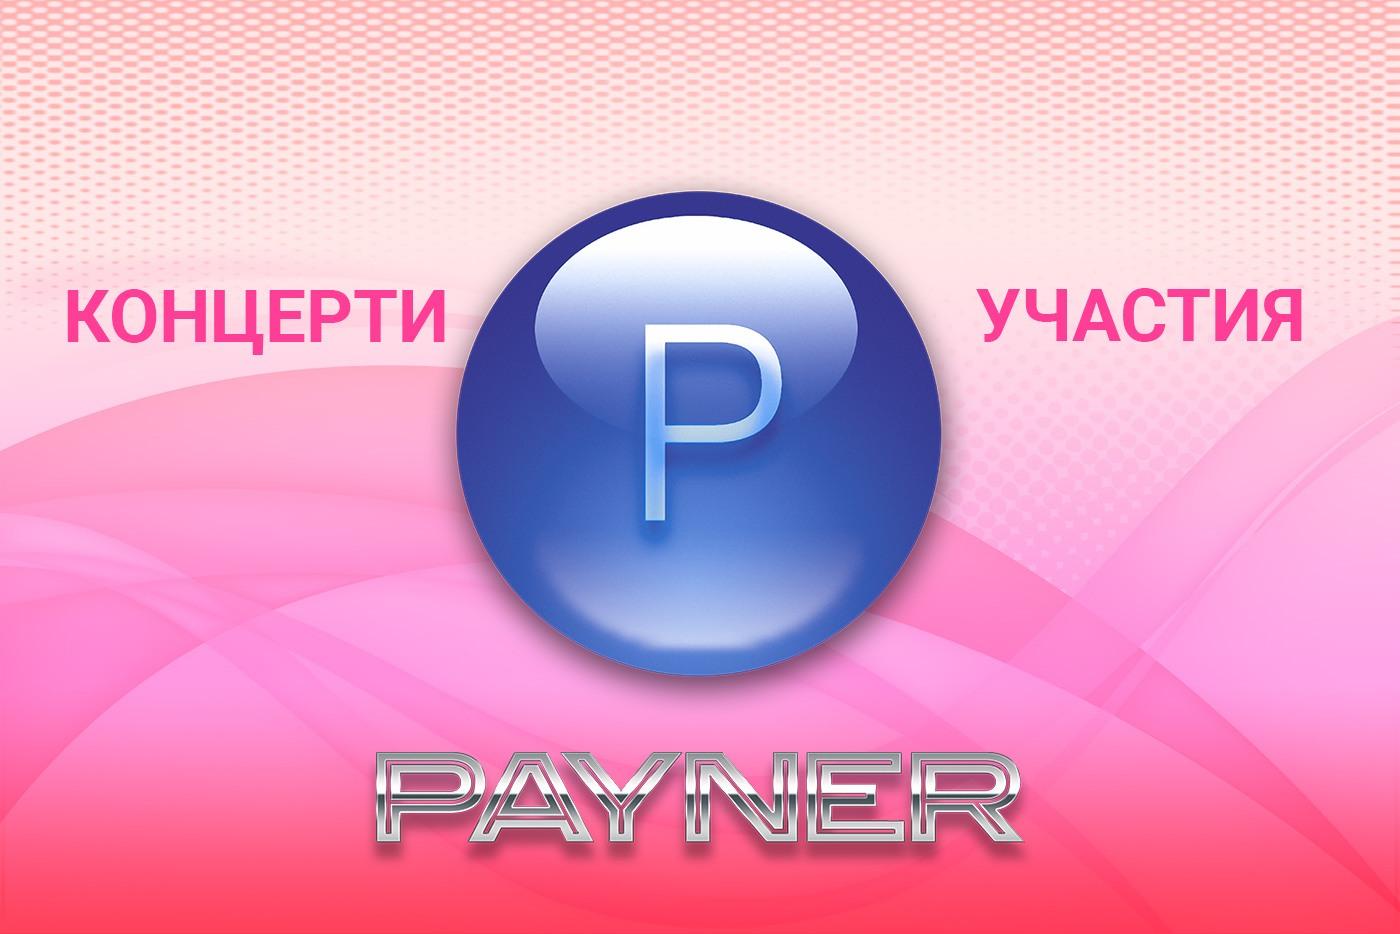 """Участия на звездите на """"Пайнер"""" на 09.10.2018"""